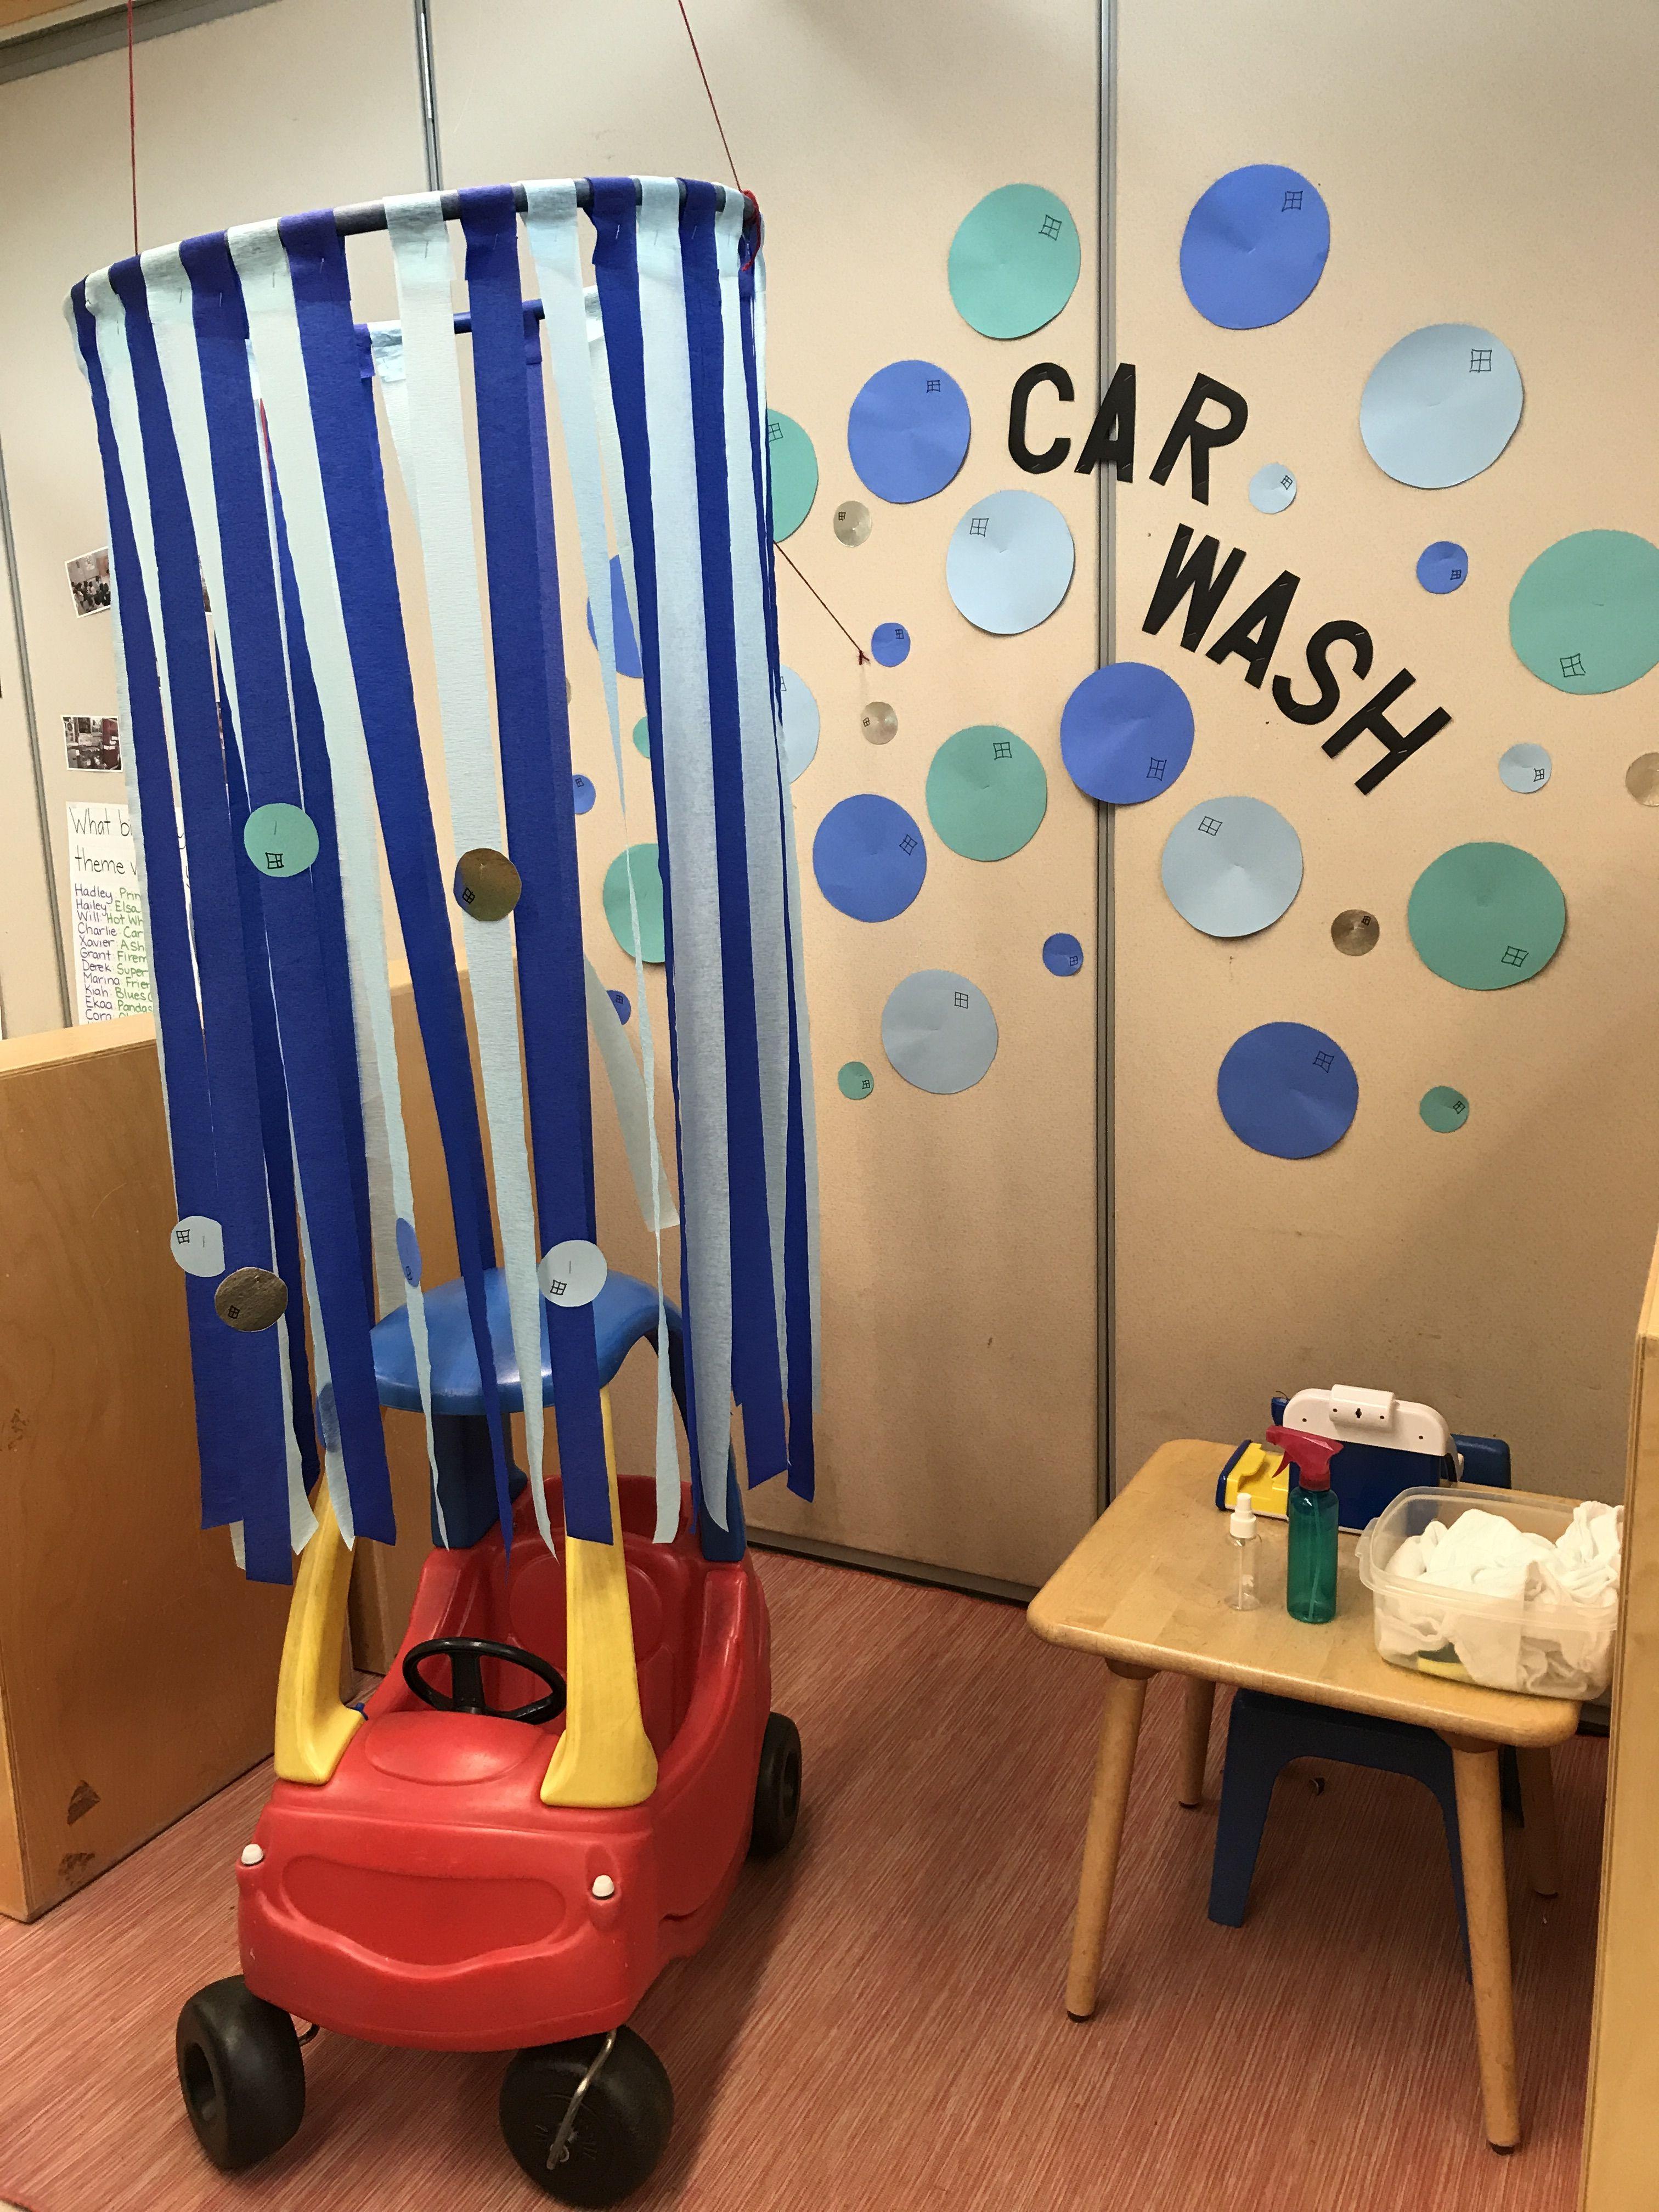 Car Wash dramatic play idea for preschool | Dramatic play ...